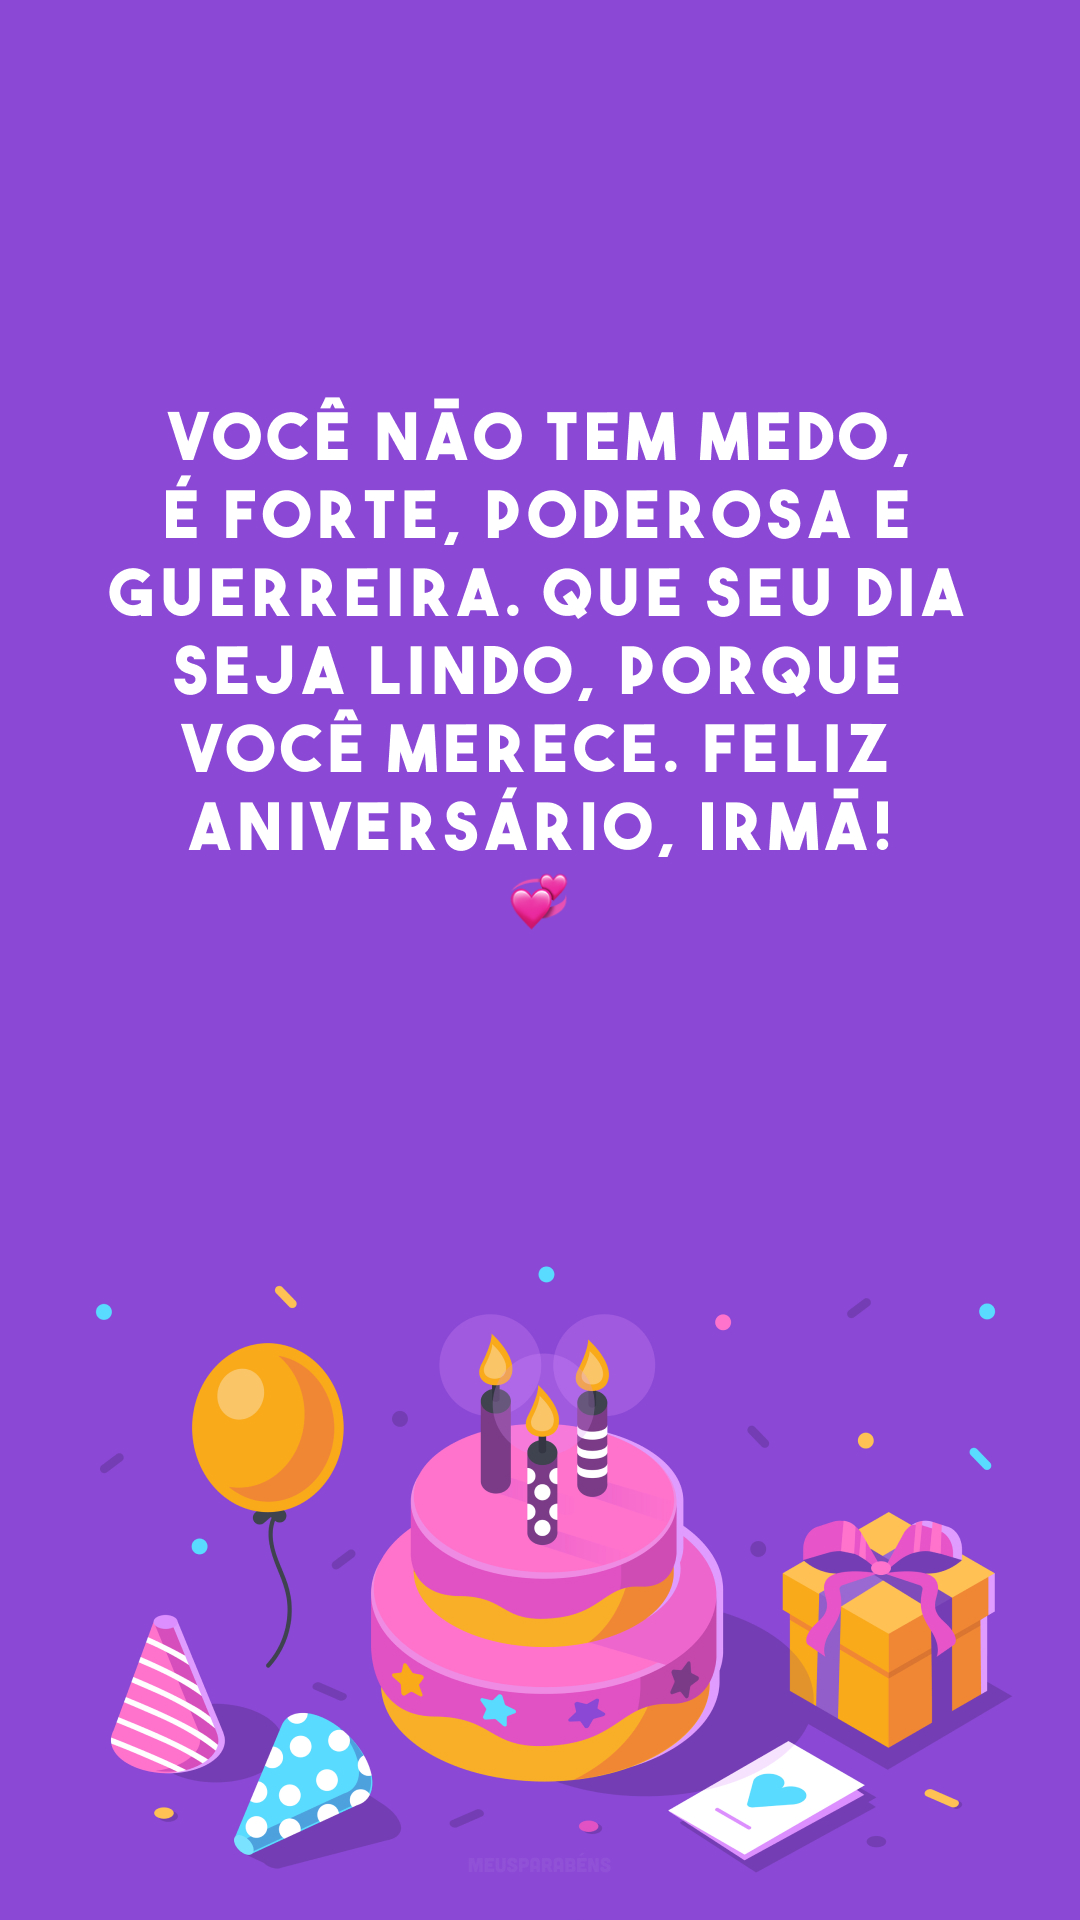 Você não tem medo, é forte, poderosa e guerreira. Que seu dia seja lindo, porque você merece. Feliz aniversário, irmã! 💞